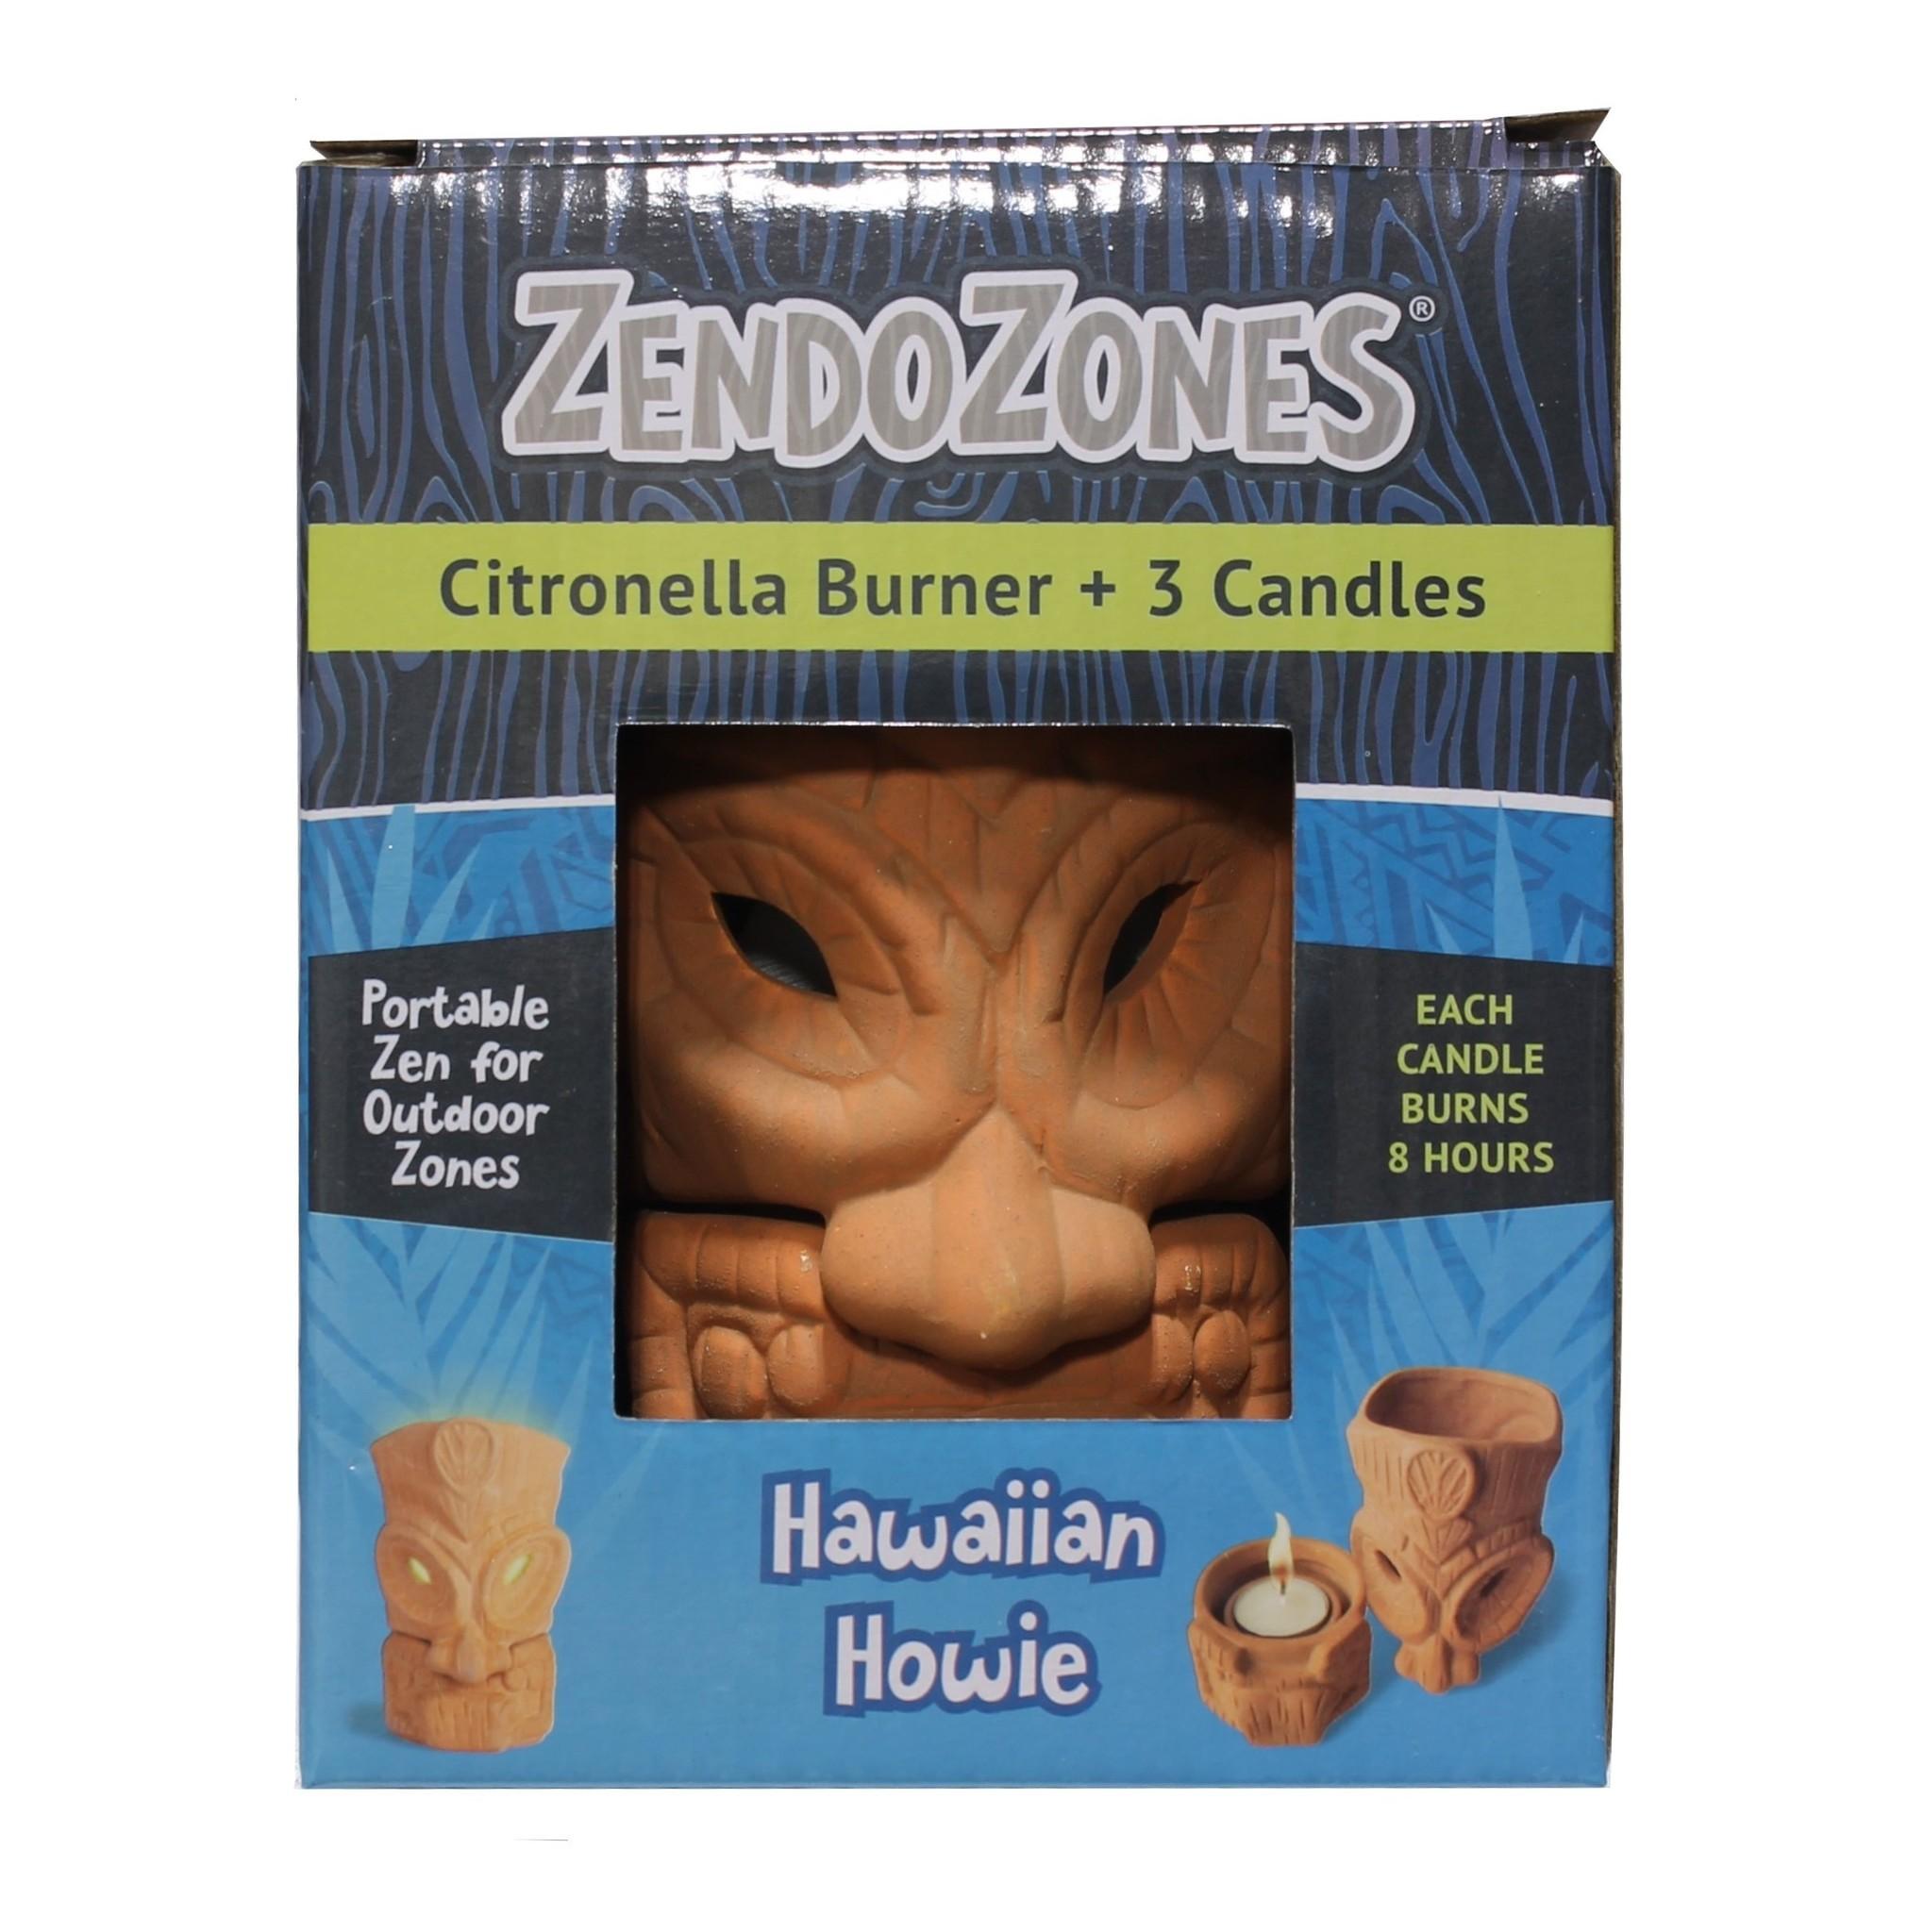 Zendozones Hawaiian Howie